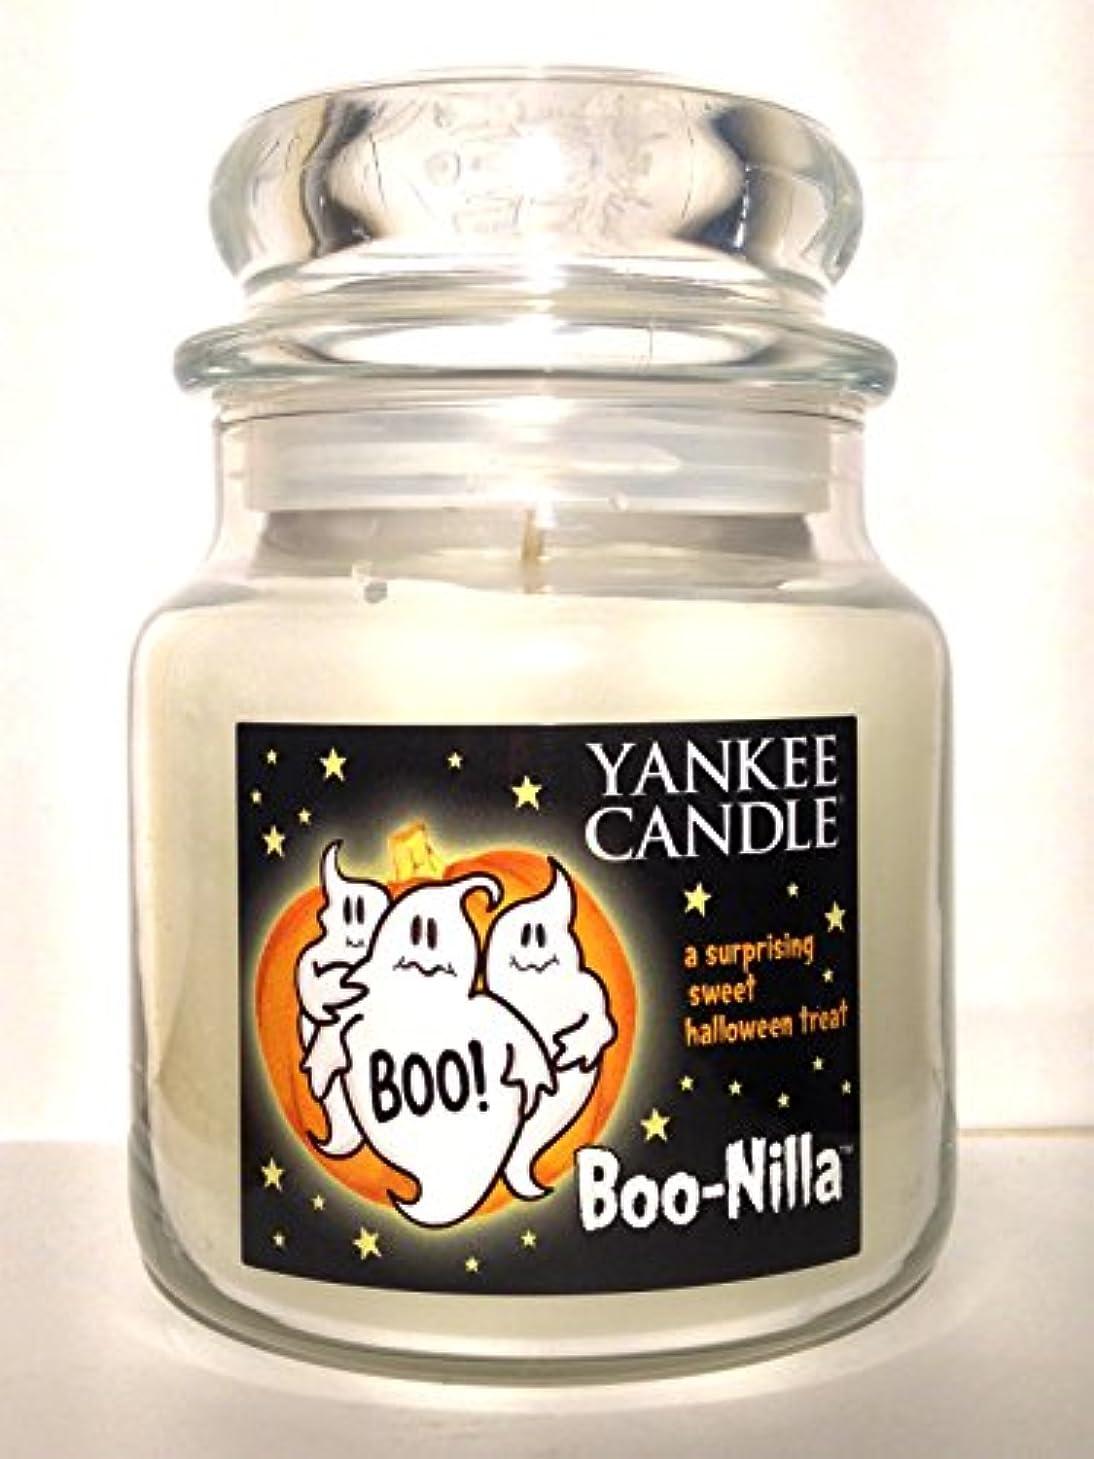 しつけ機械的高さYankee Candle boo-nilla Boonilla Vanilla Marshmallow香りHalloween Candle